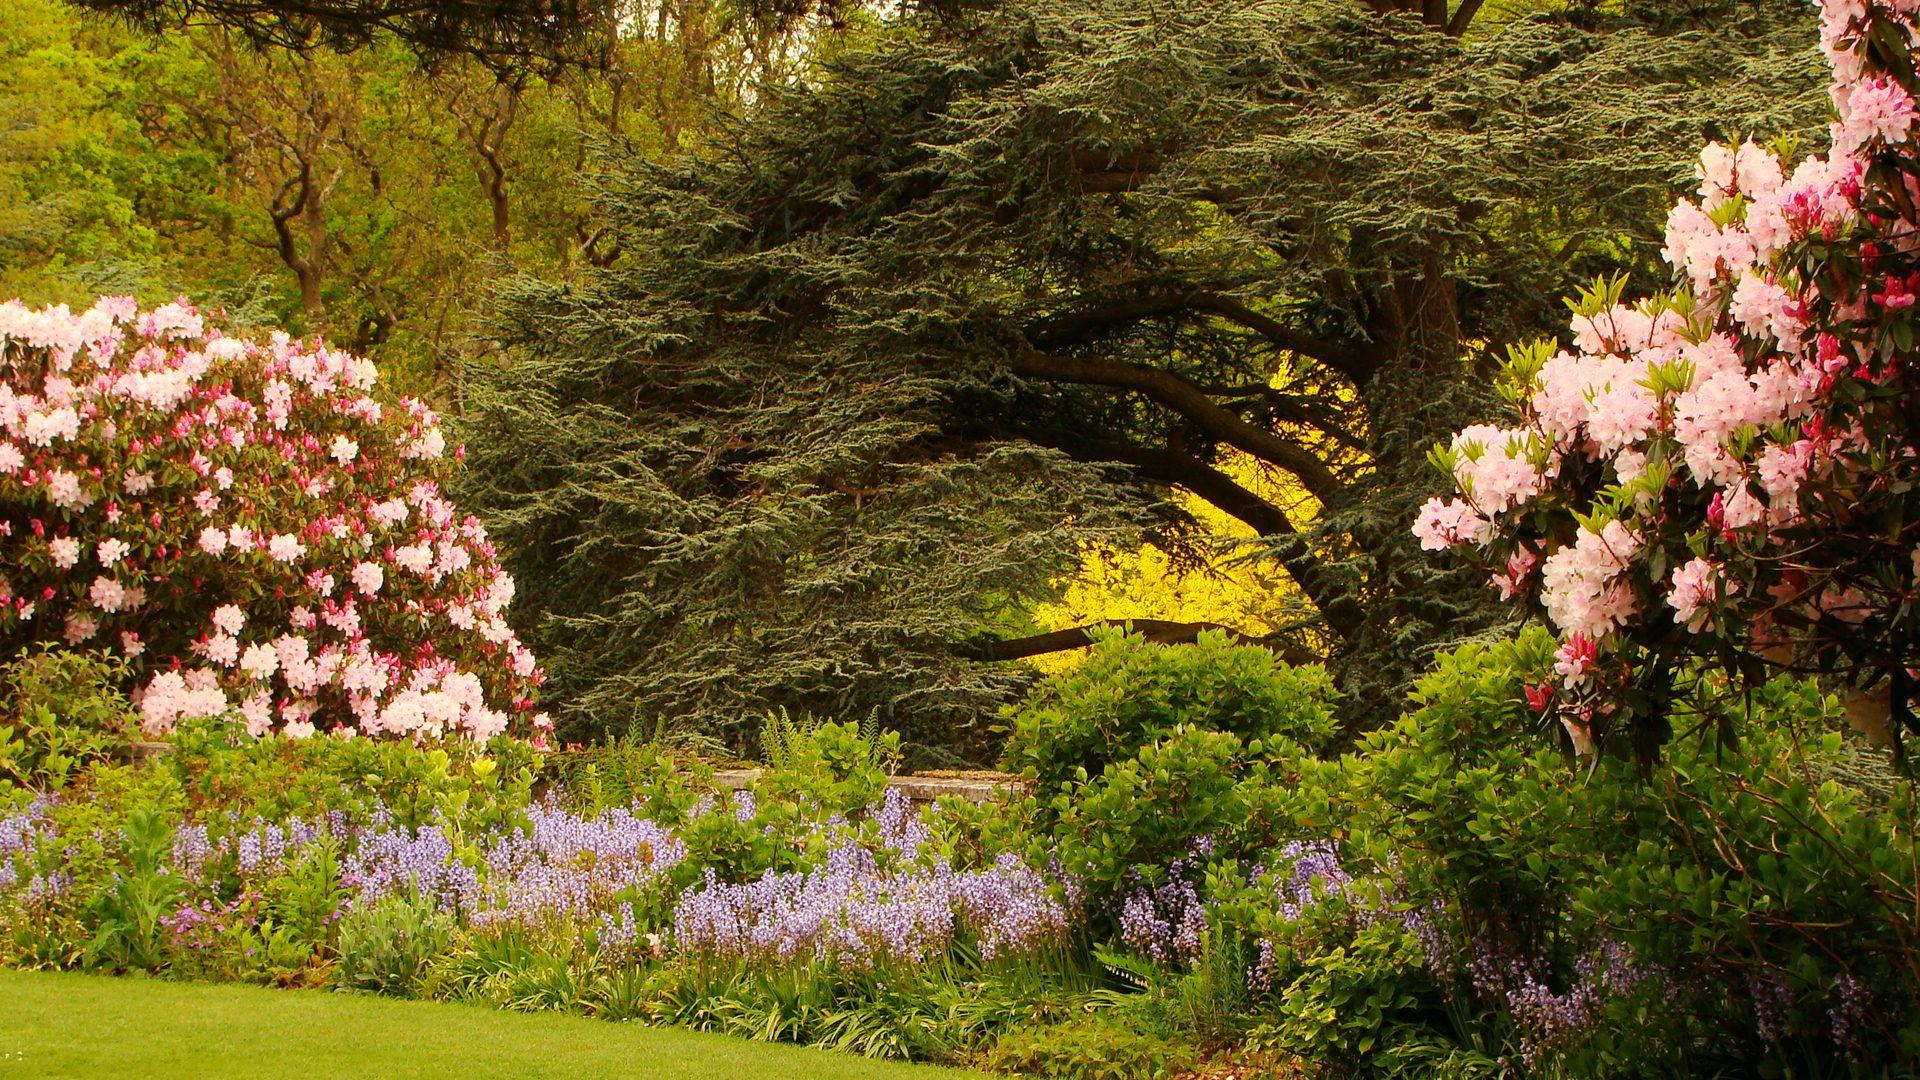 Rhododendron Bois Des Moutiers Varengeville Seine Maritime Rhododendron Vita Sackville West Et Bois